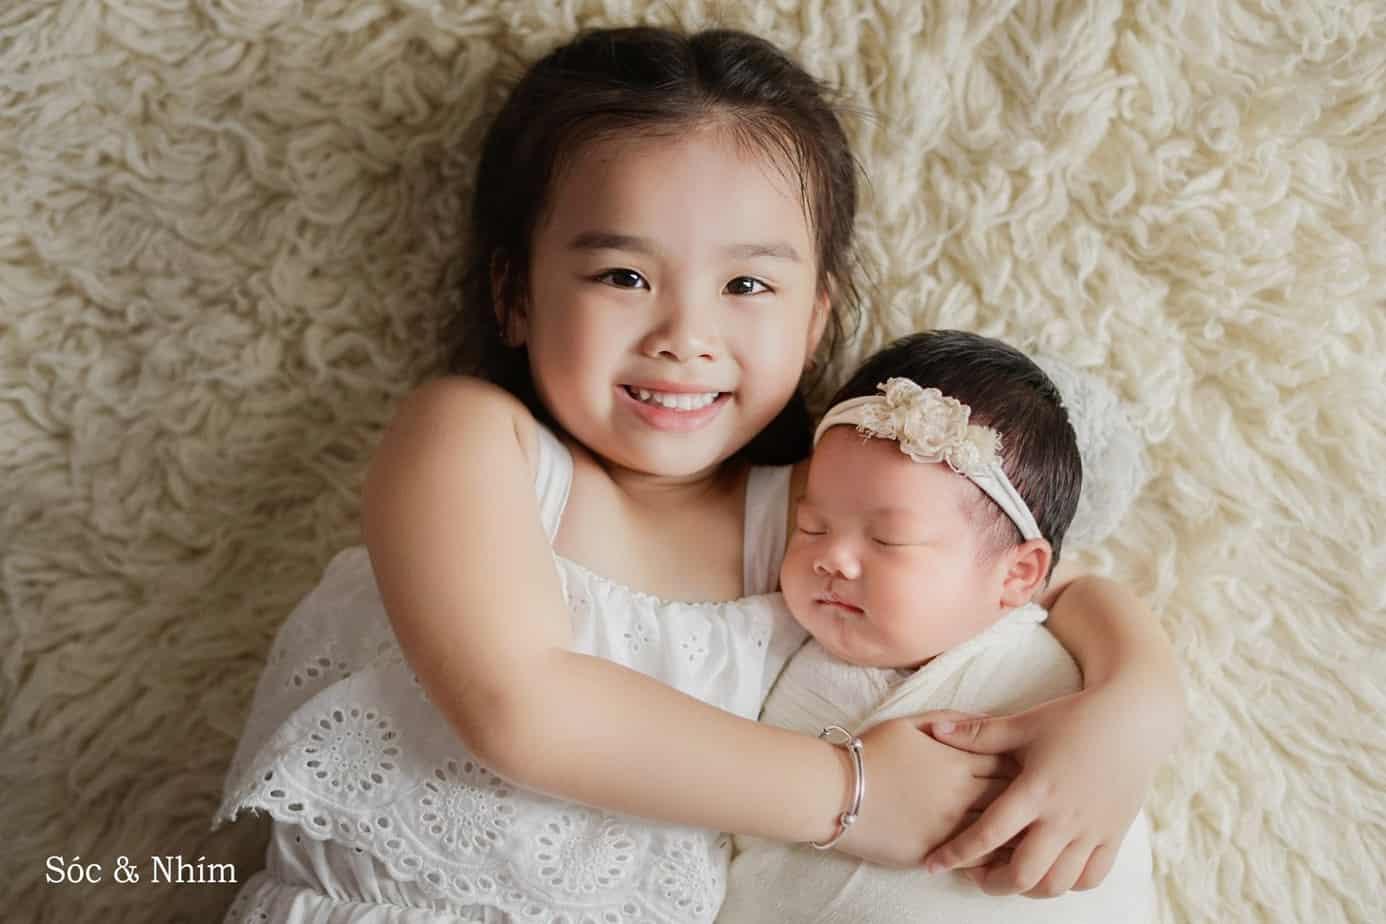 Top 10 Studio Chụp Ảnh Cho Bé Sơ Sinh Tại Nhà Được Yêu Thích Nhất - studio chụp ảnh cho bé sơ sinh tại nhà - Aloha Baby Studio | Ảnh Viện Suri Việt Nam | Bống Baby House 61